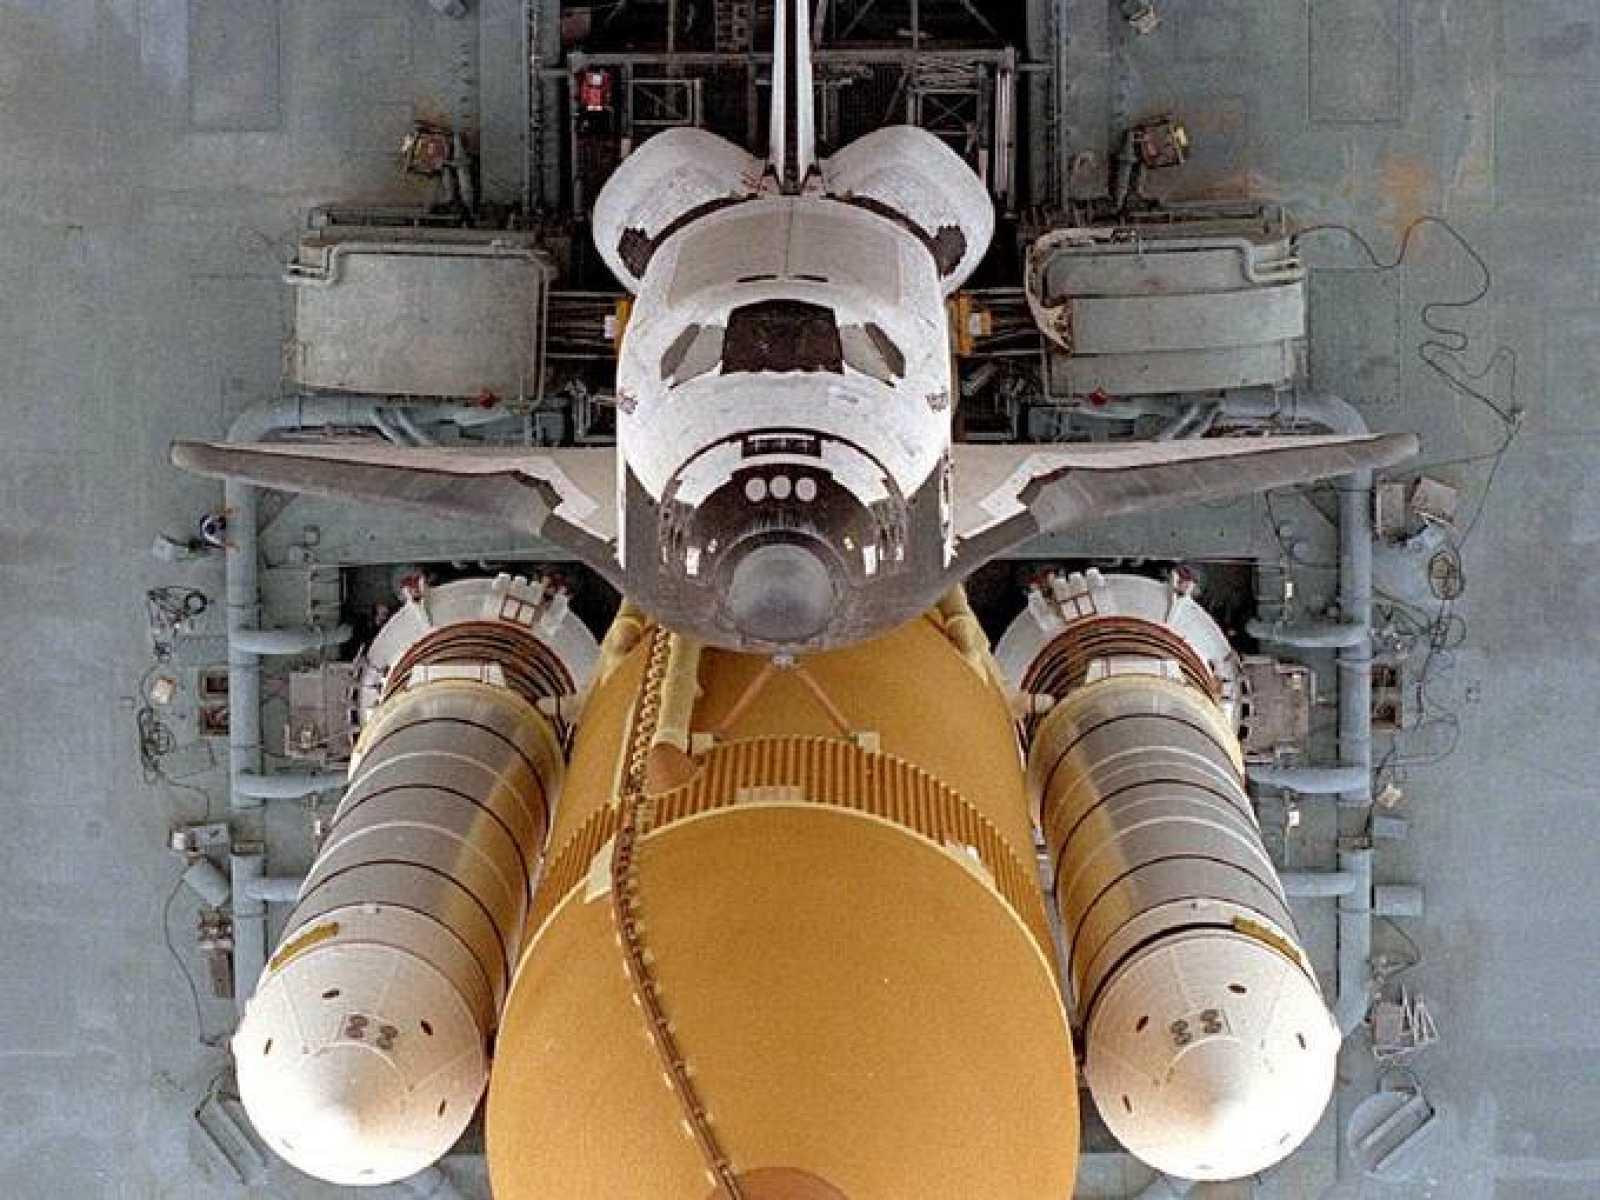 El Atlantis, en una imagen de archivo, el último transbordador en viajar al espacio.